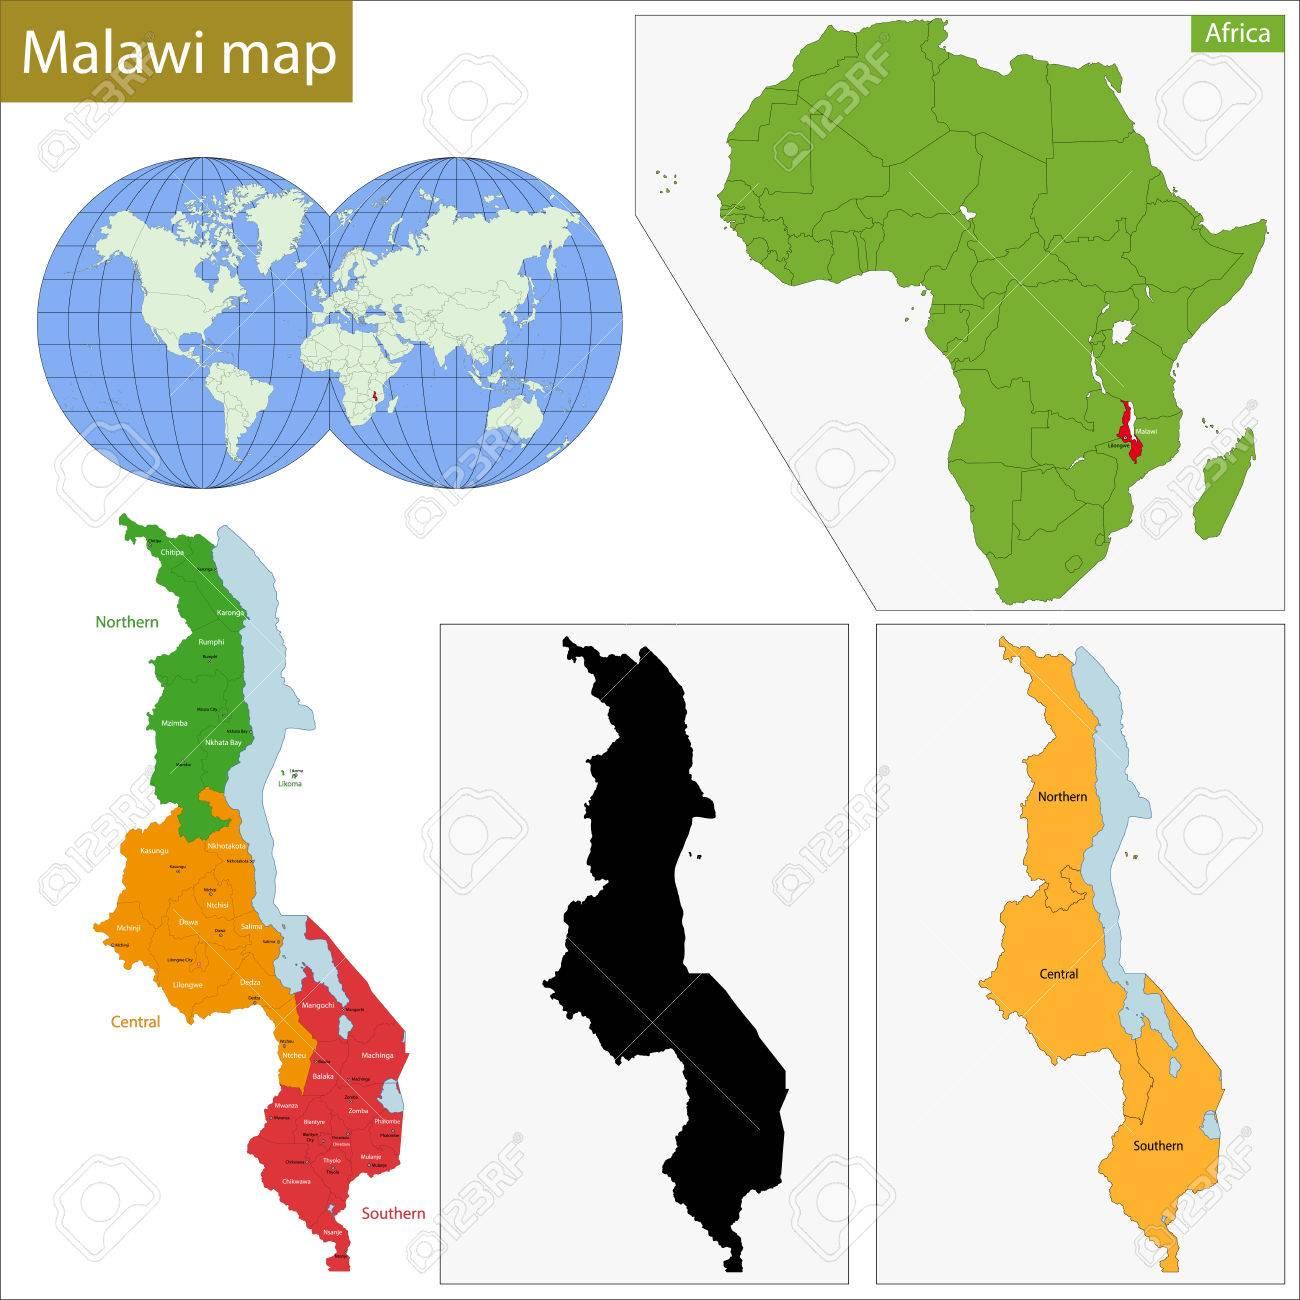 マラウイ共和国の地方行政区画 ...